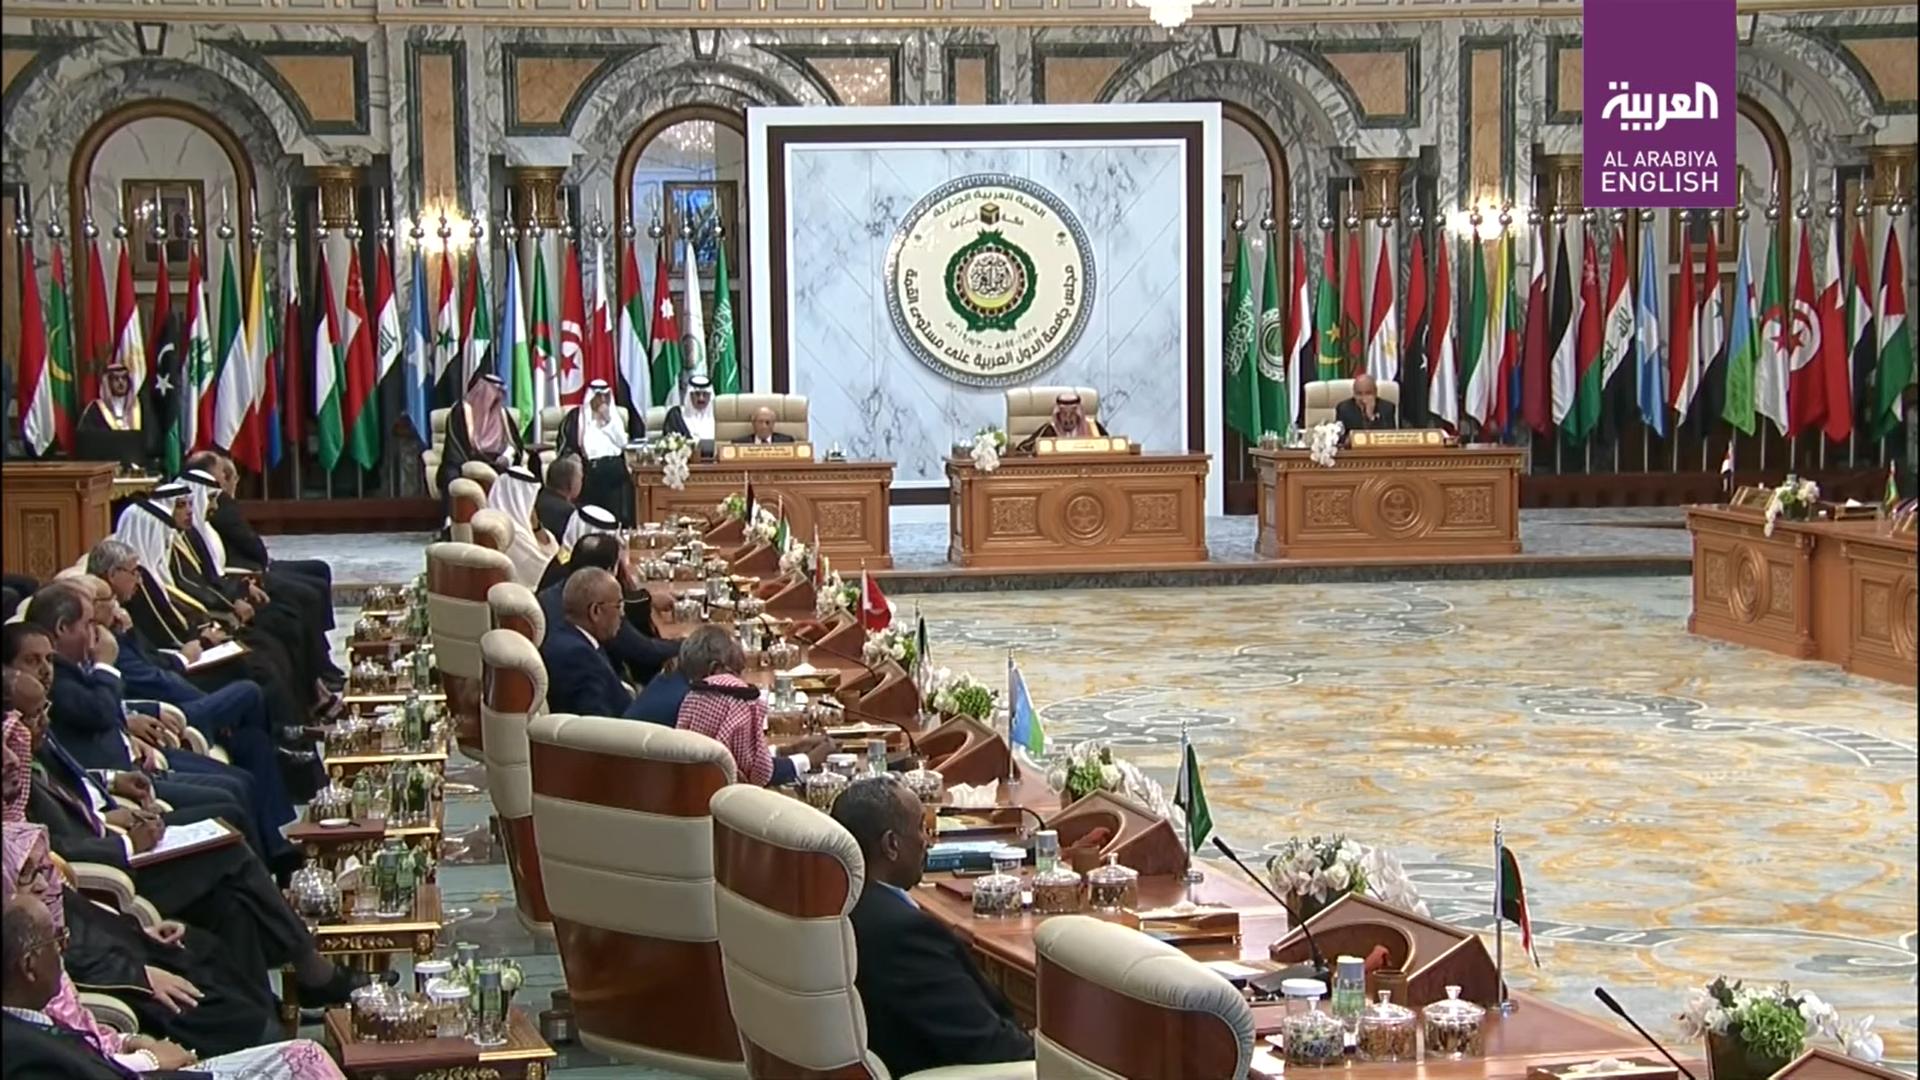 Lepattantak a palesztinok az Arab Ligáról